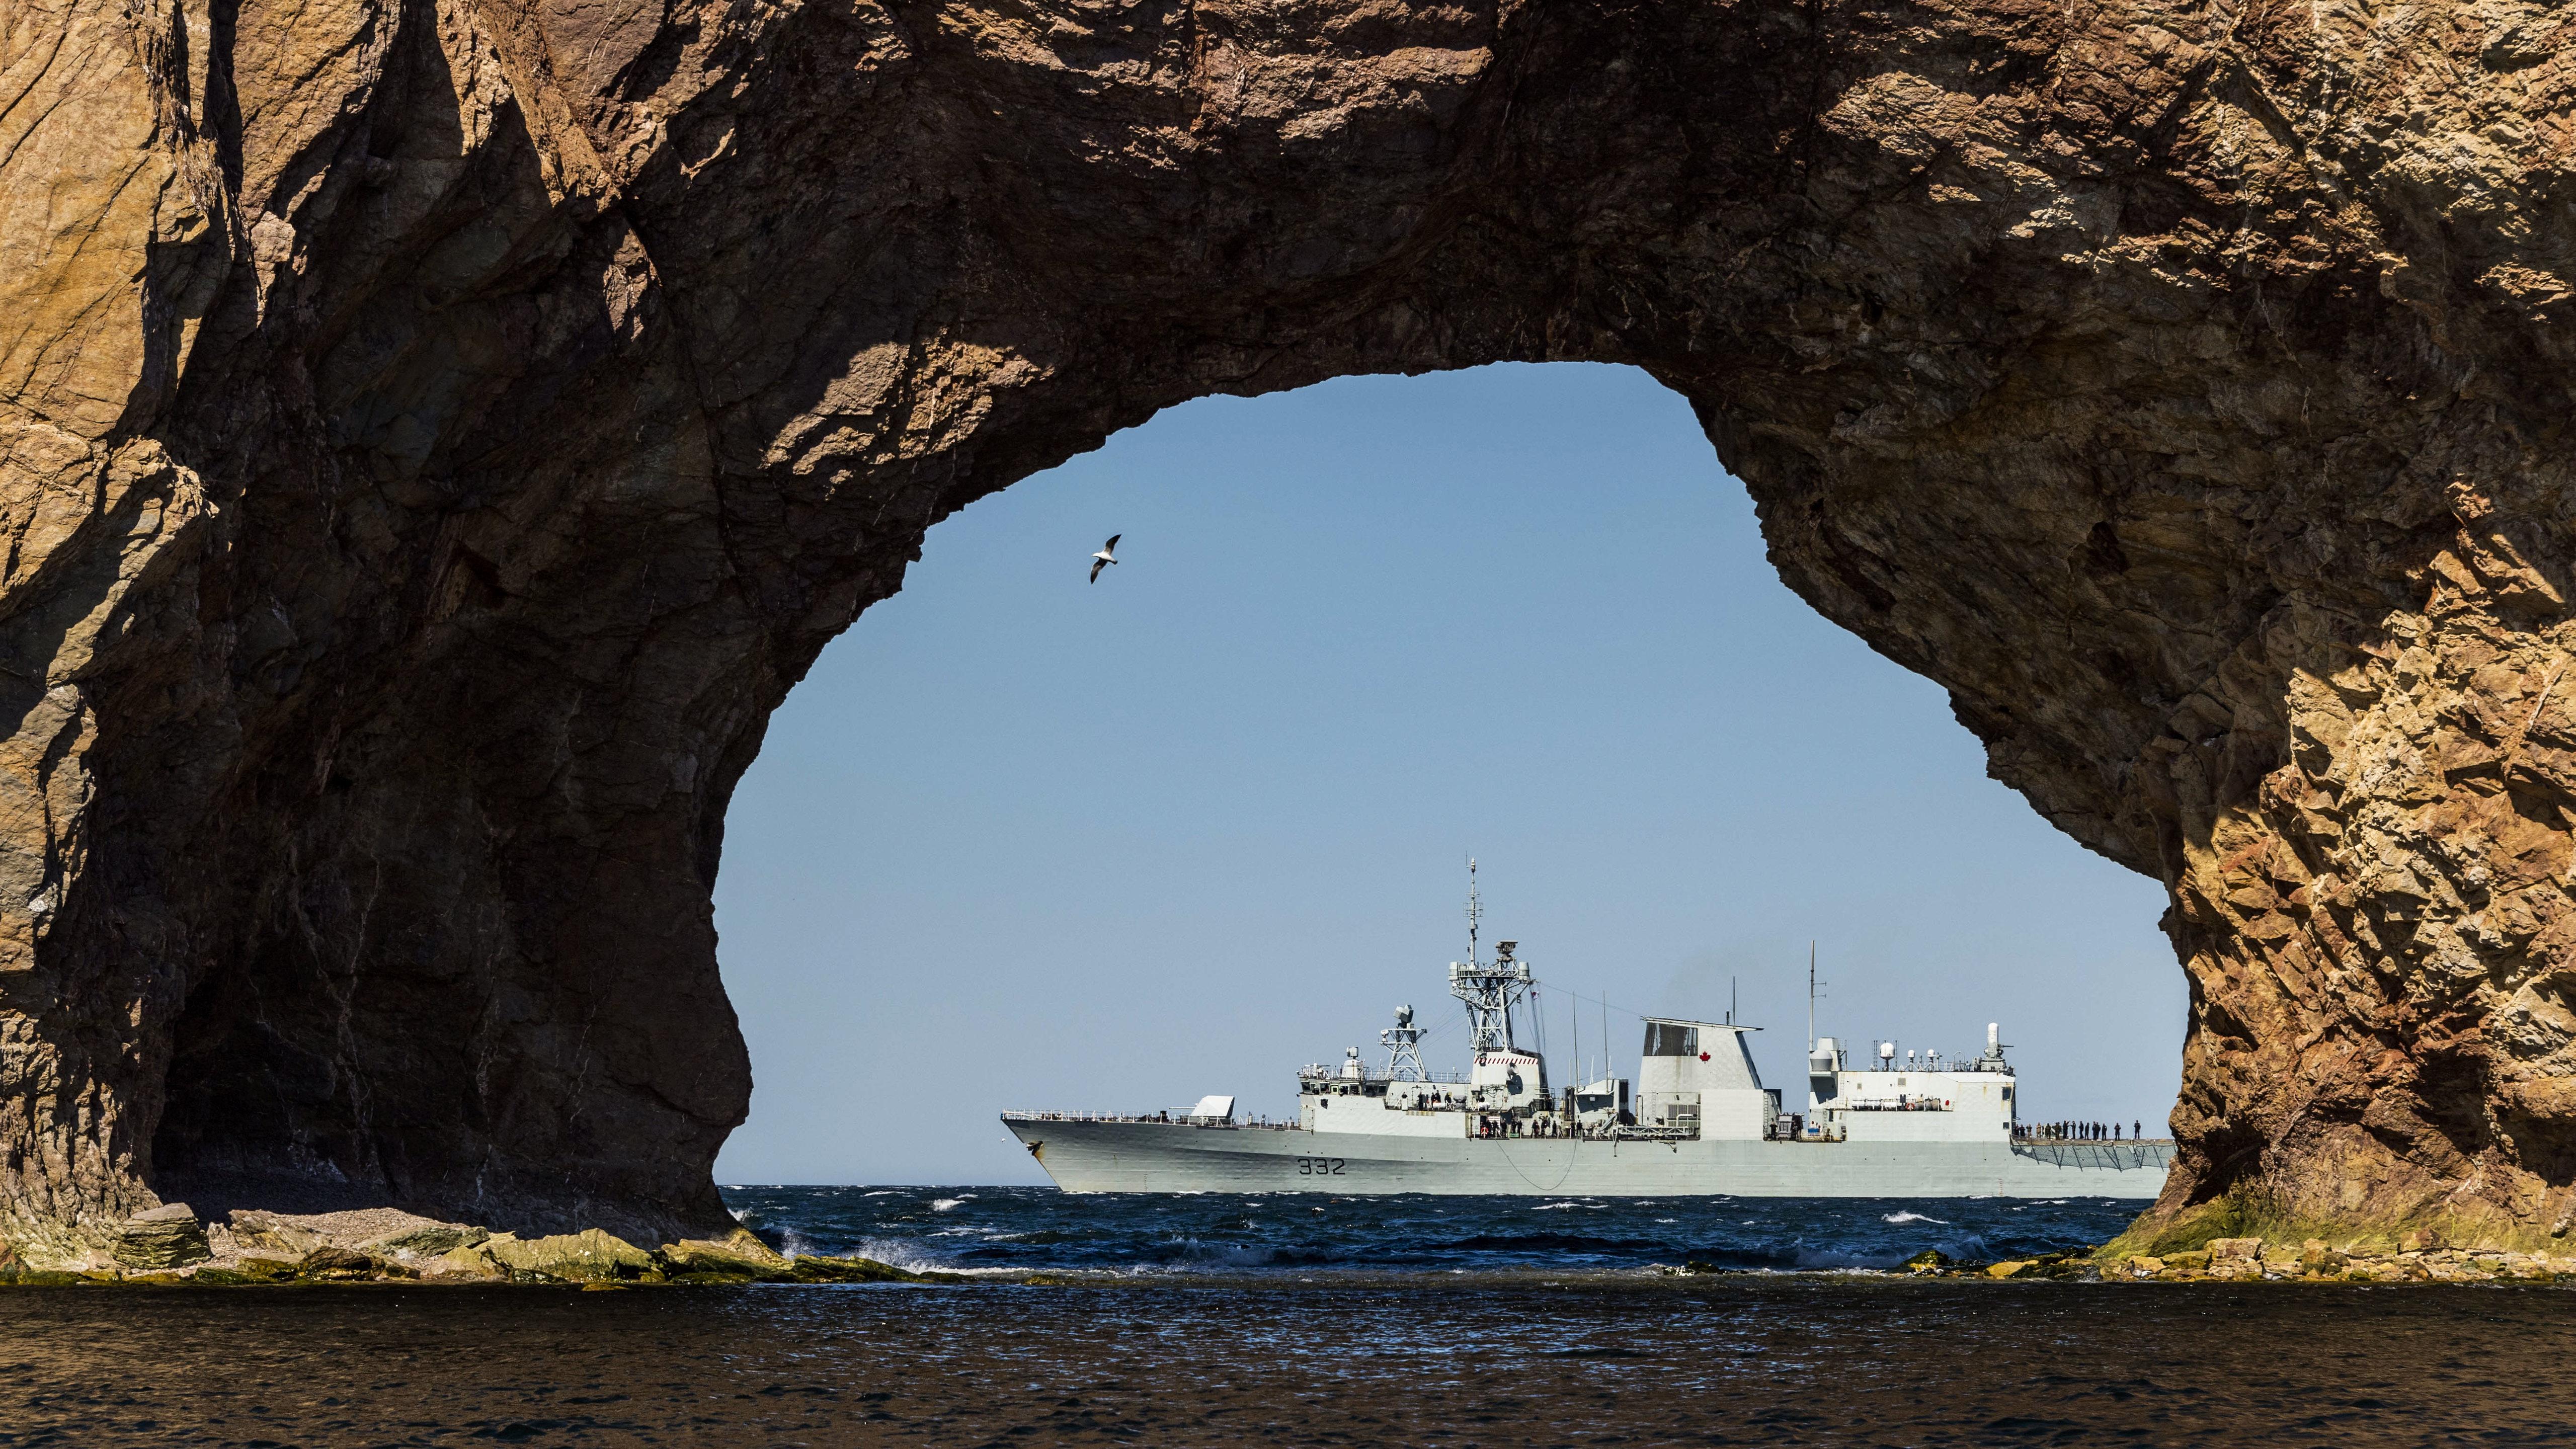 HMCS Ville de Québec stays ready